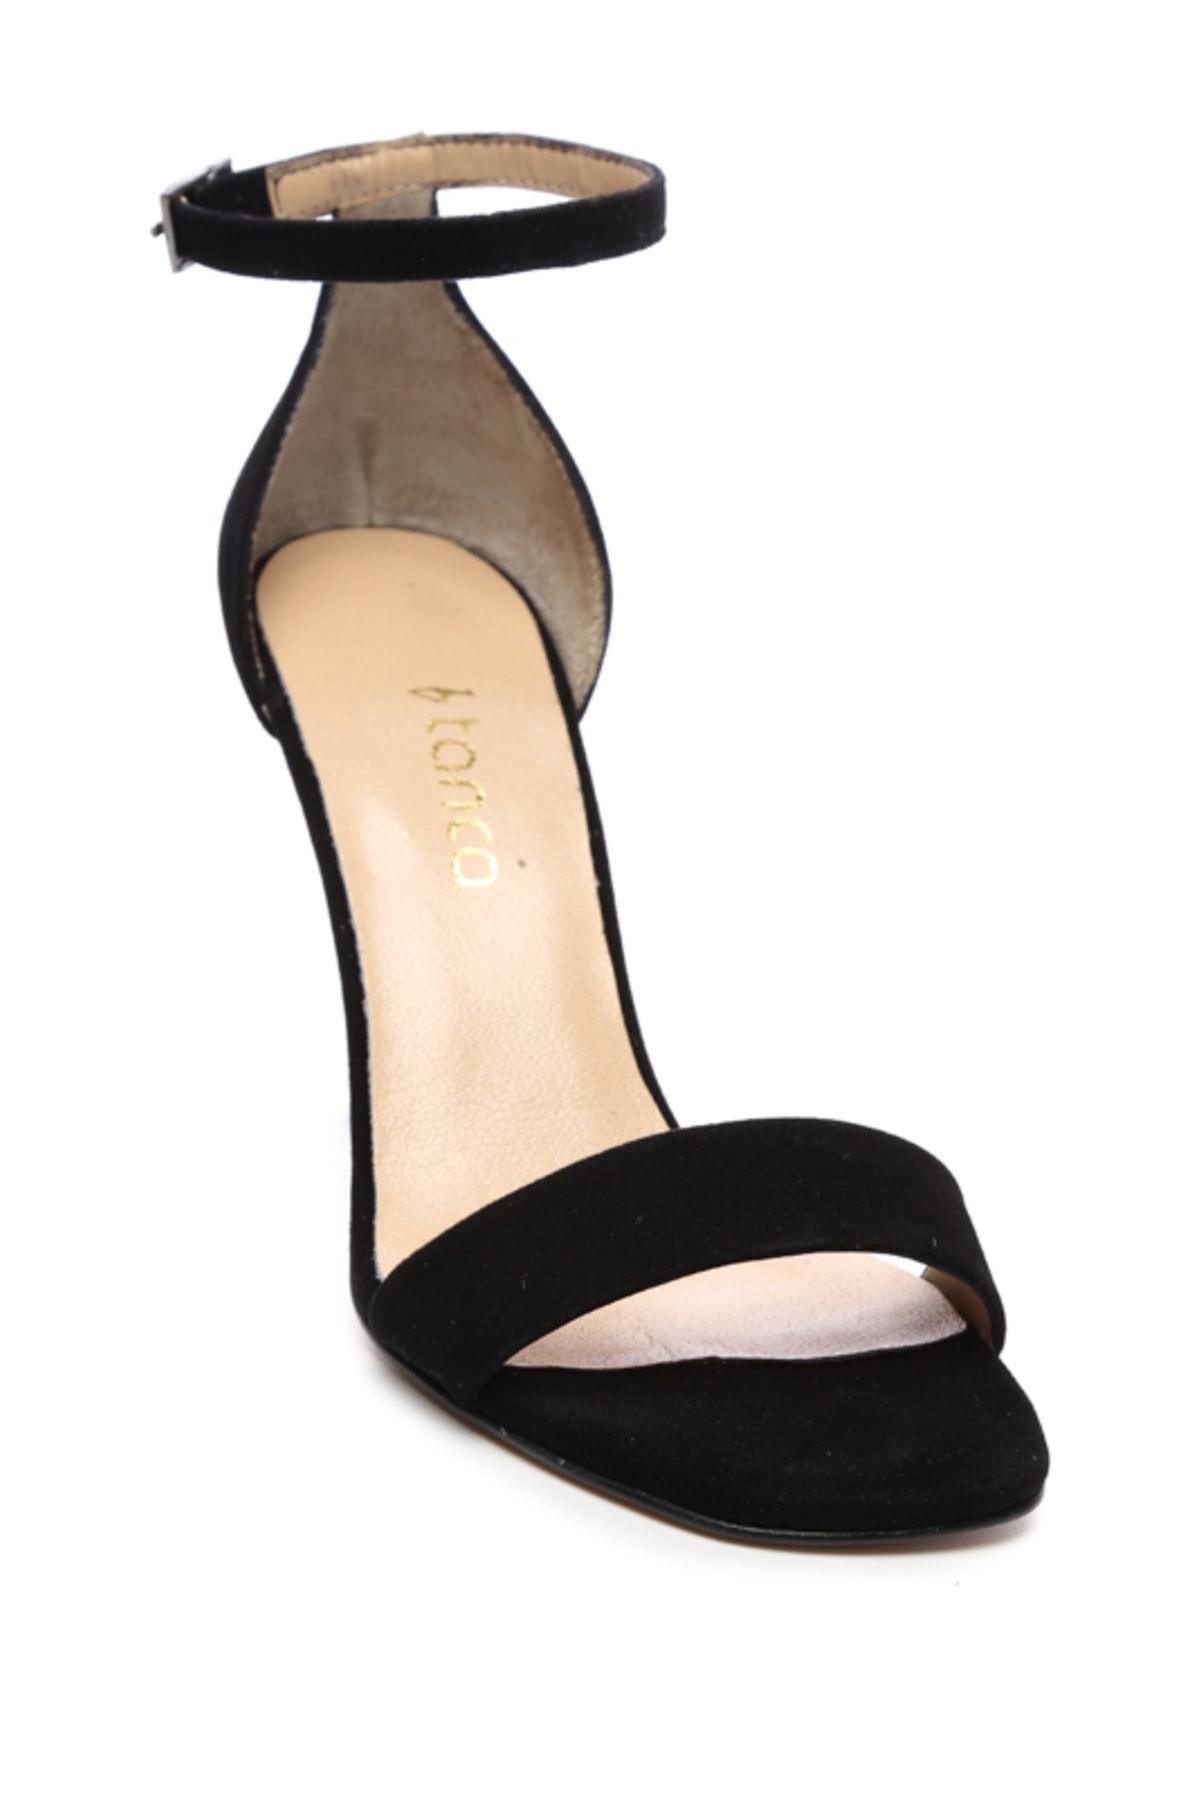 KEMAL TANCA Siyah Kadın Vegan Abiye Ayakkabı 22 6086 BN AYK Y19 2